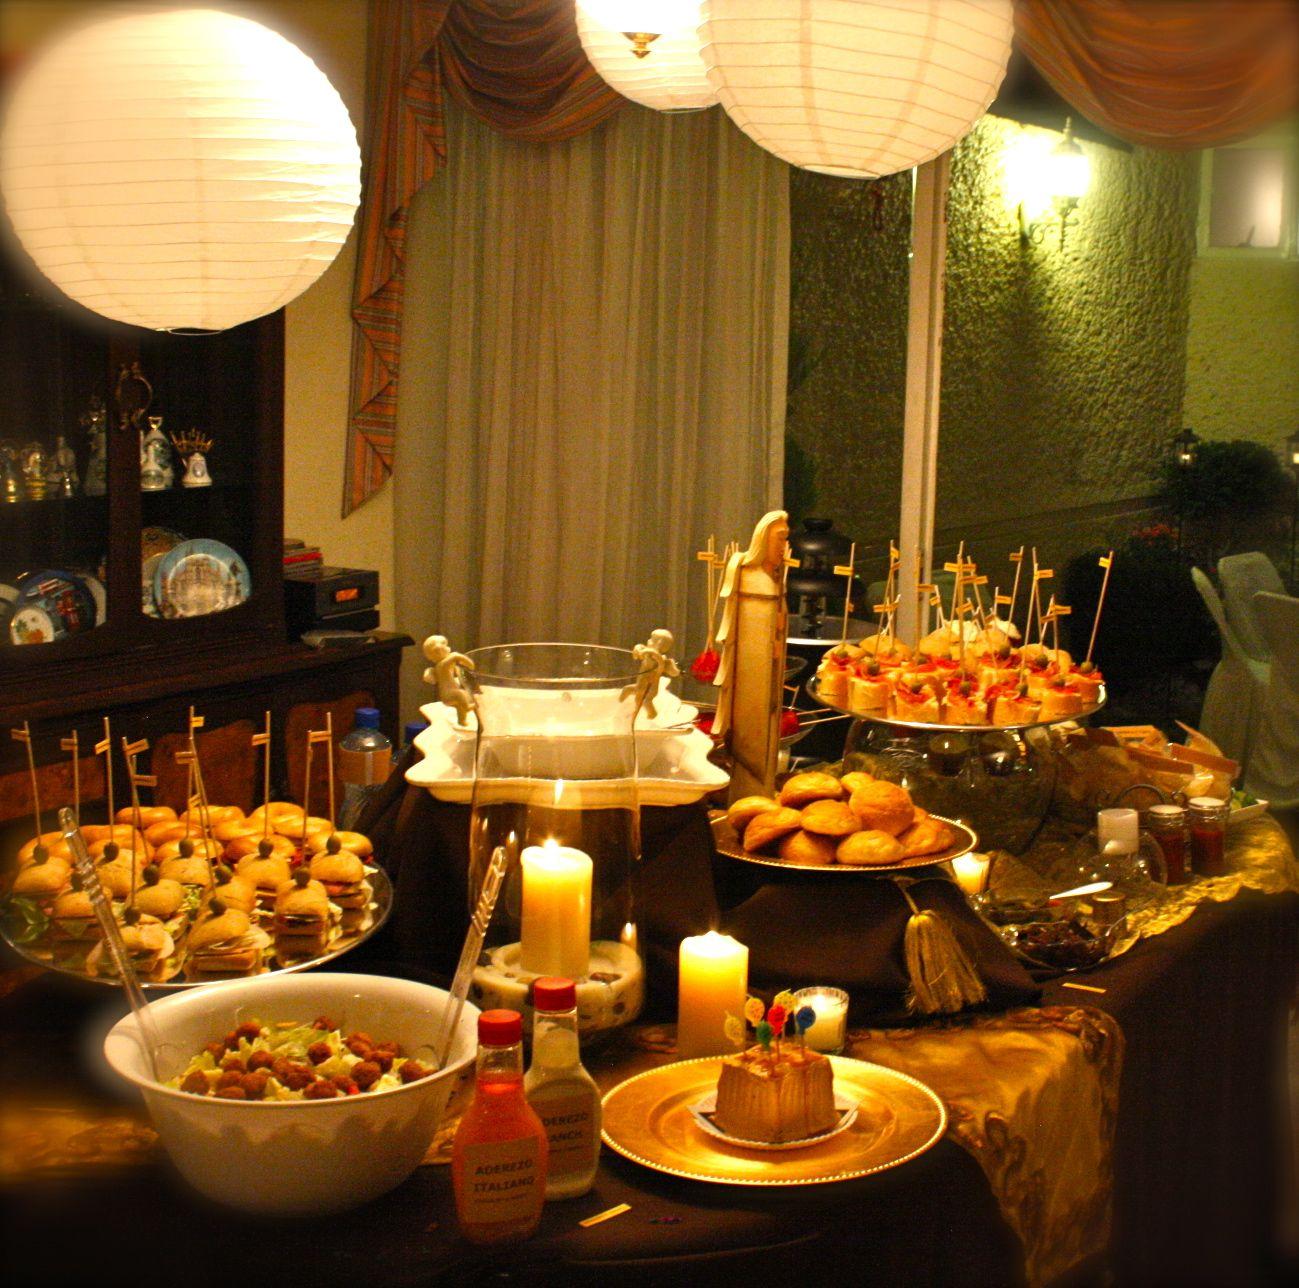 Snack s buffet montado para cumplea os en casa privada - Comidas para un cumpleanos ...